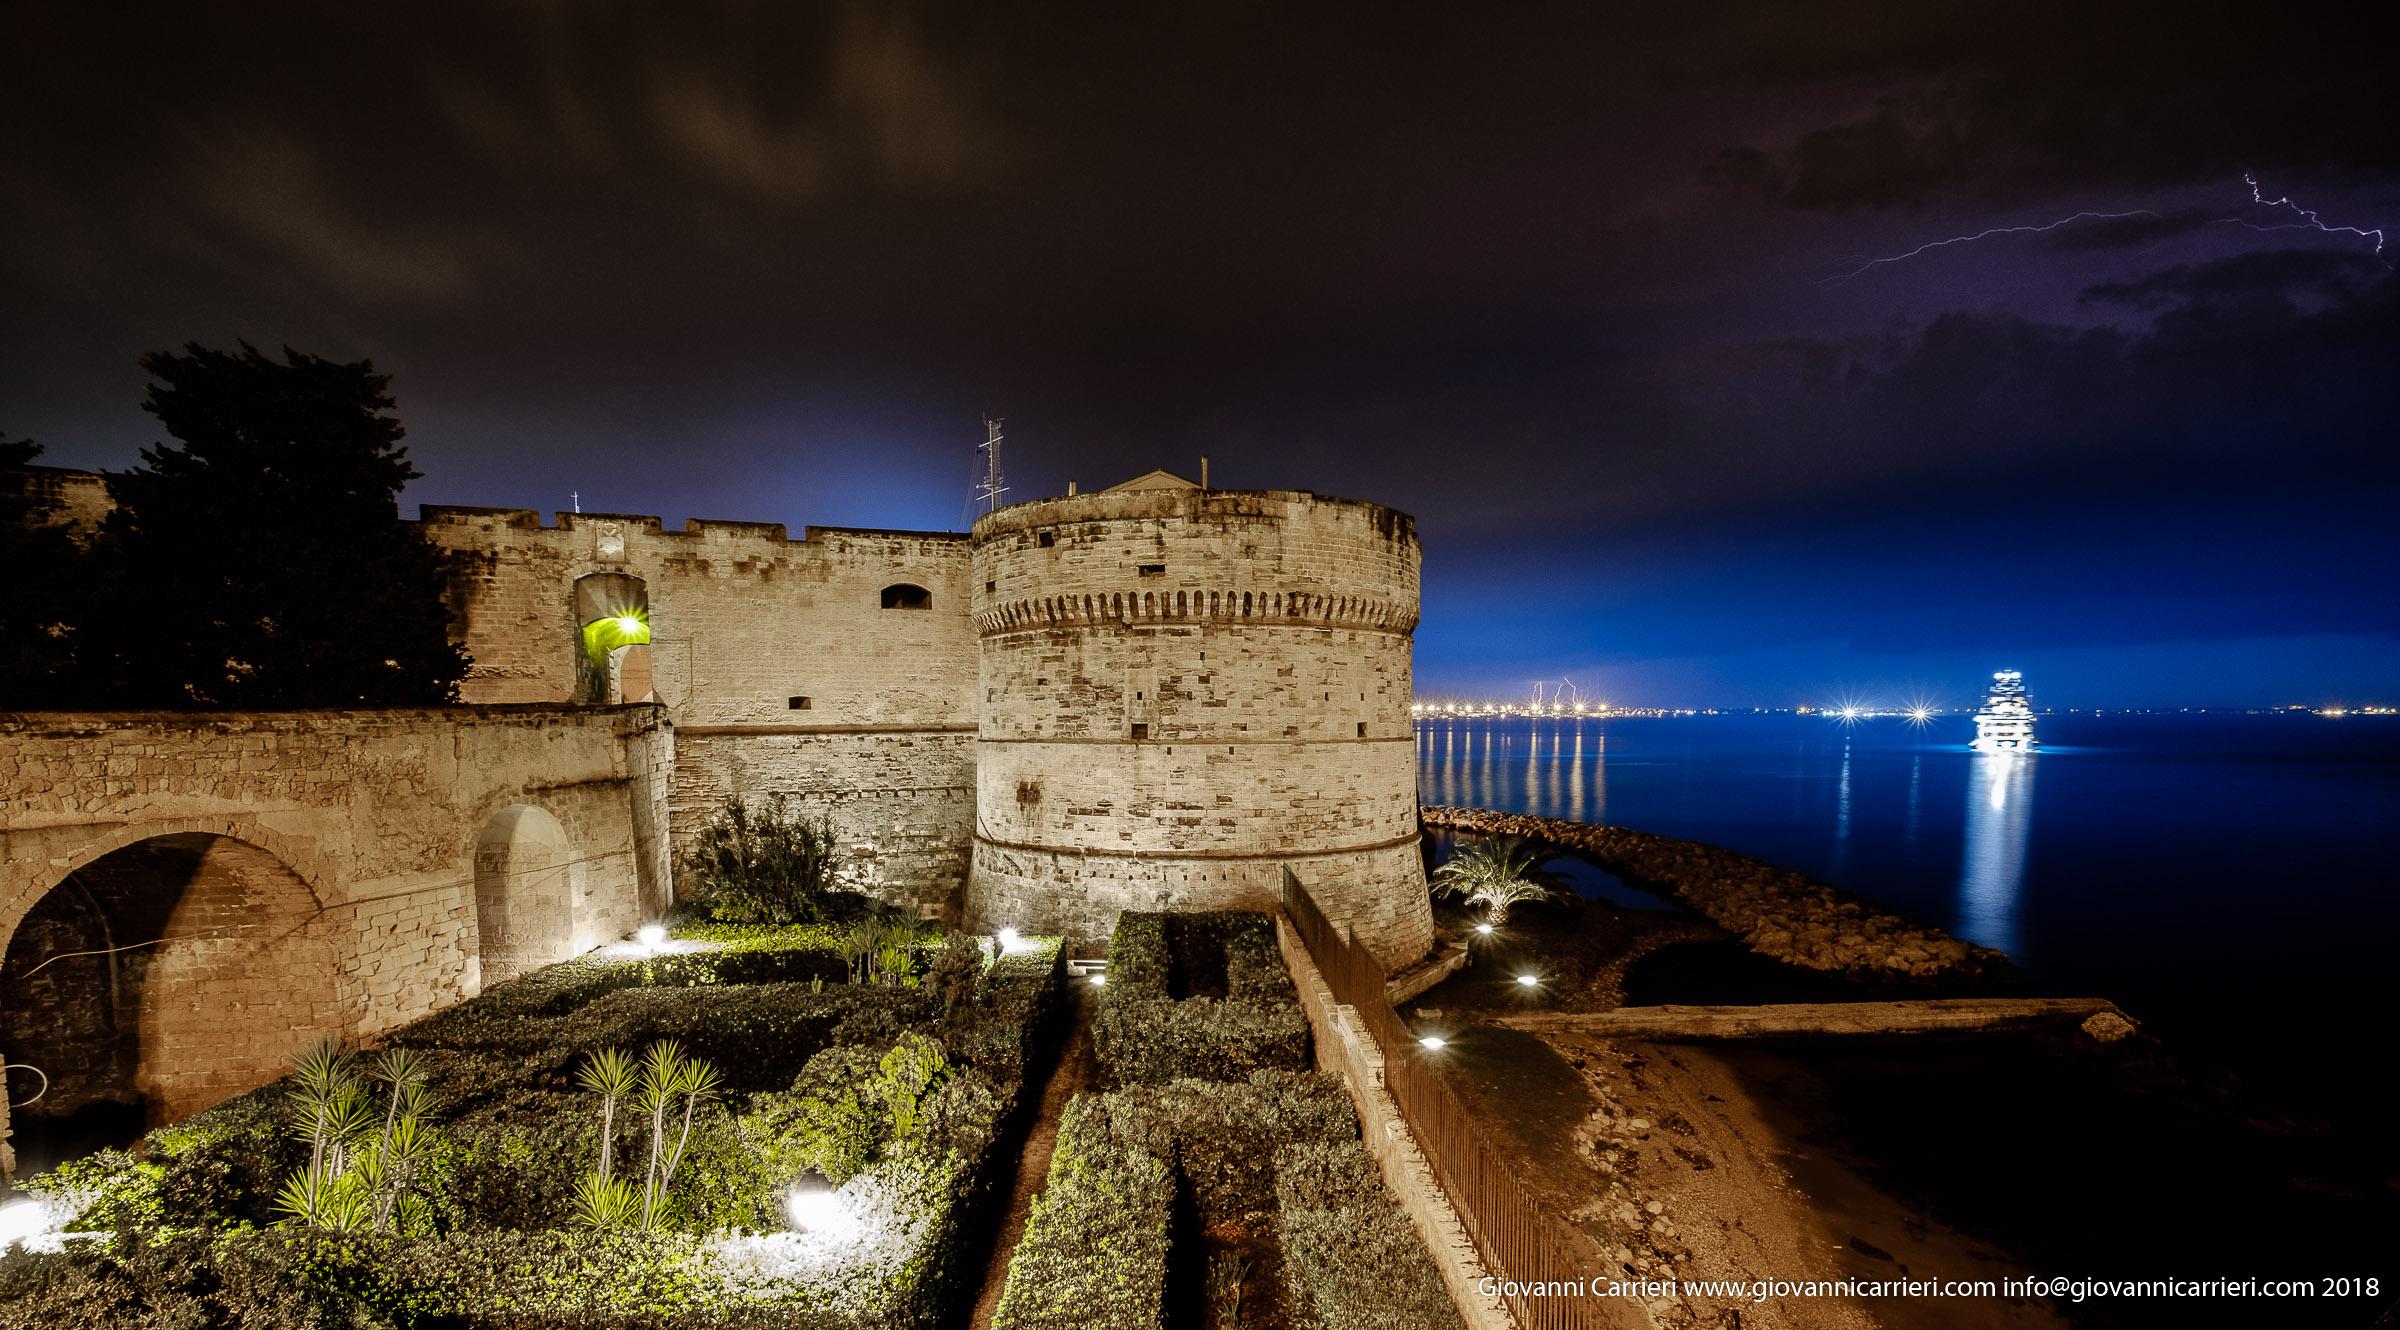 Vista notturna del Castello Aragonese, Taranto